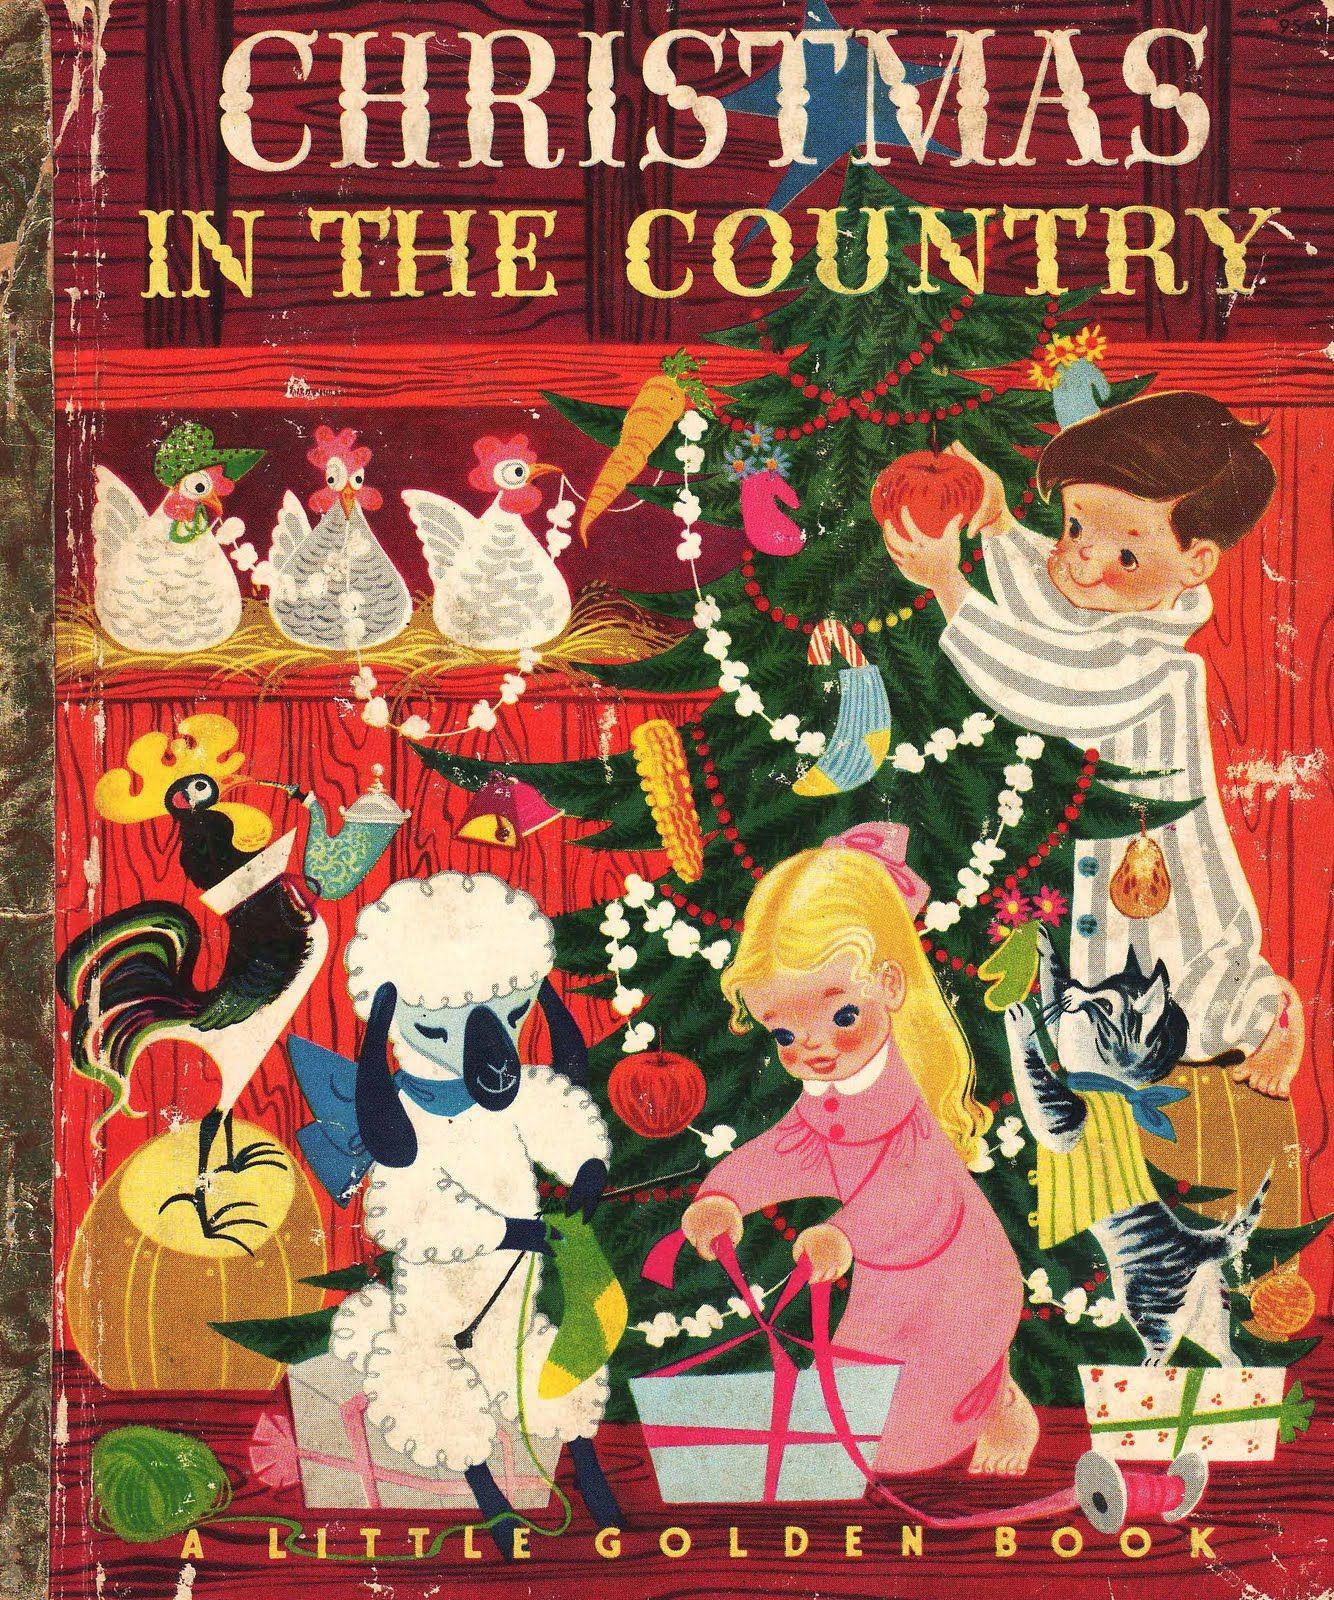 Vintage Kids Books My Kid Loves Christmas In The Country Christmas Books Little Golden Books Vintage Children S Books